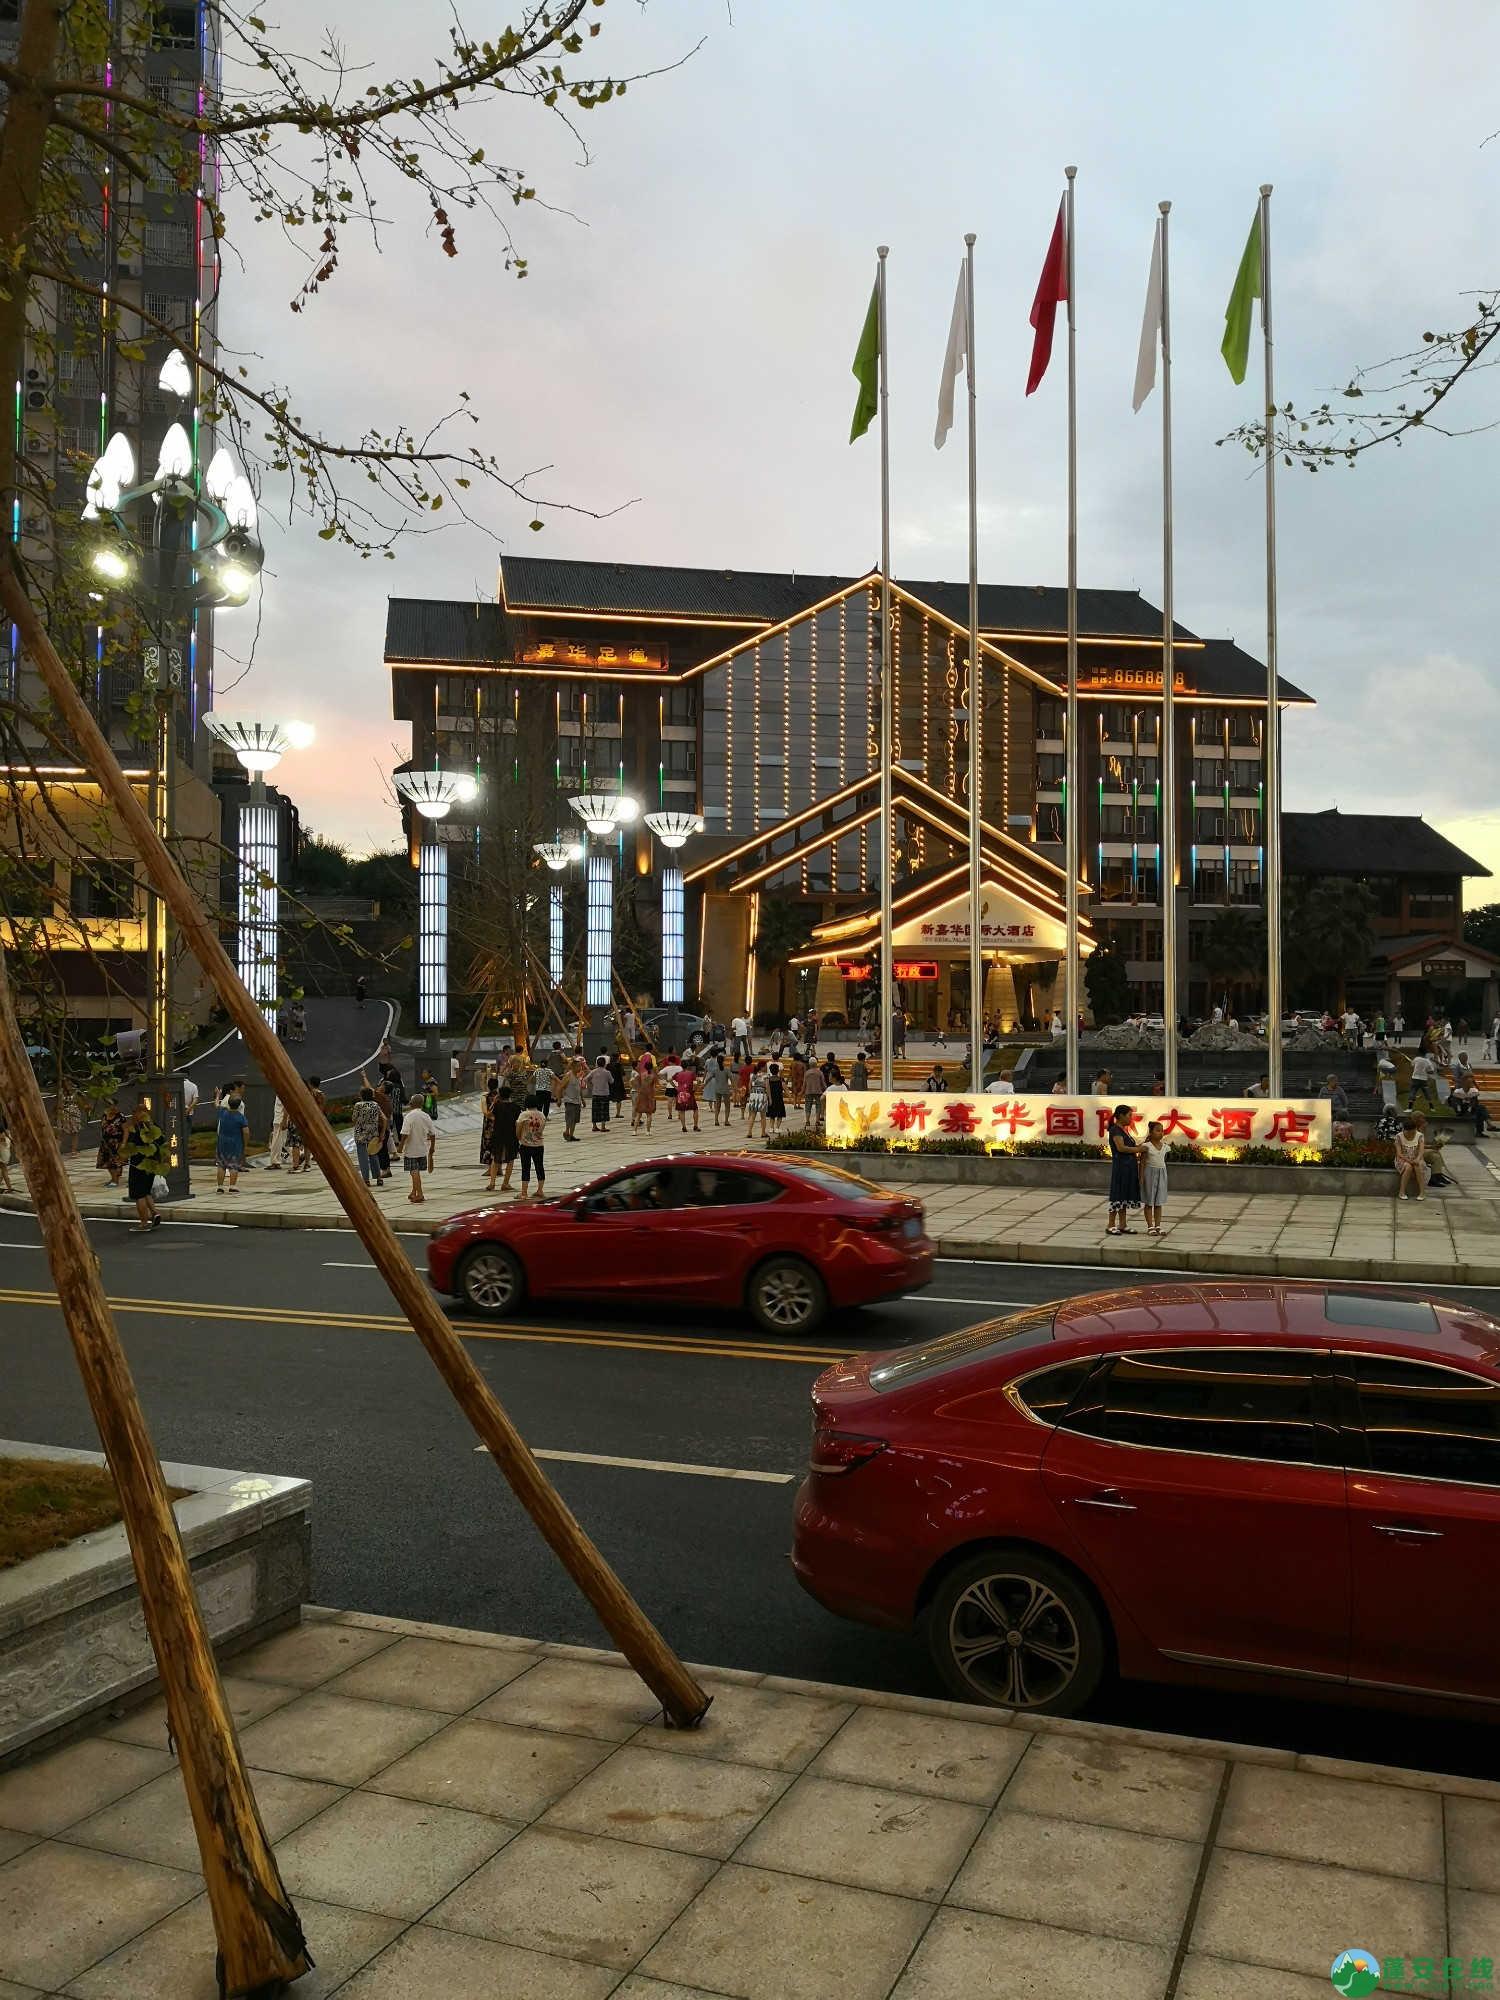 蓬安嘉陵第一桑梓棉麻路新城新貌 - 第18张  | 蓬安在线